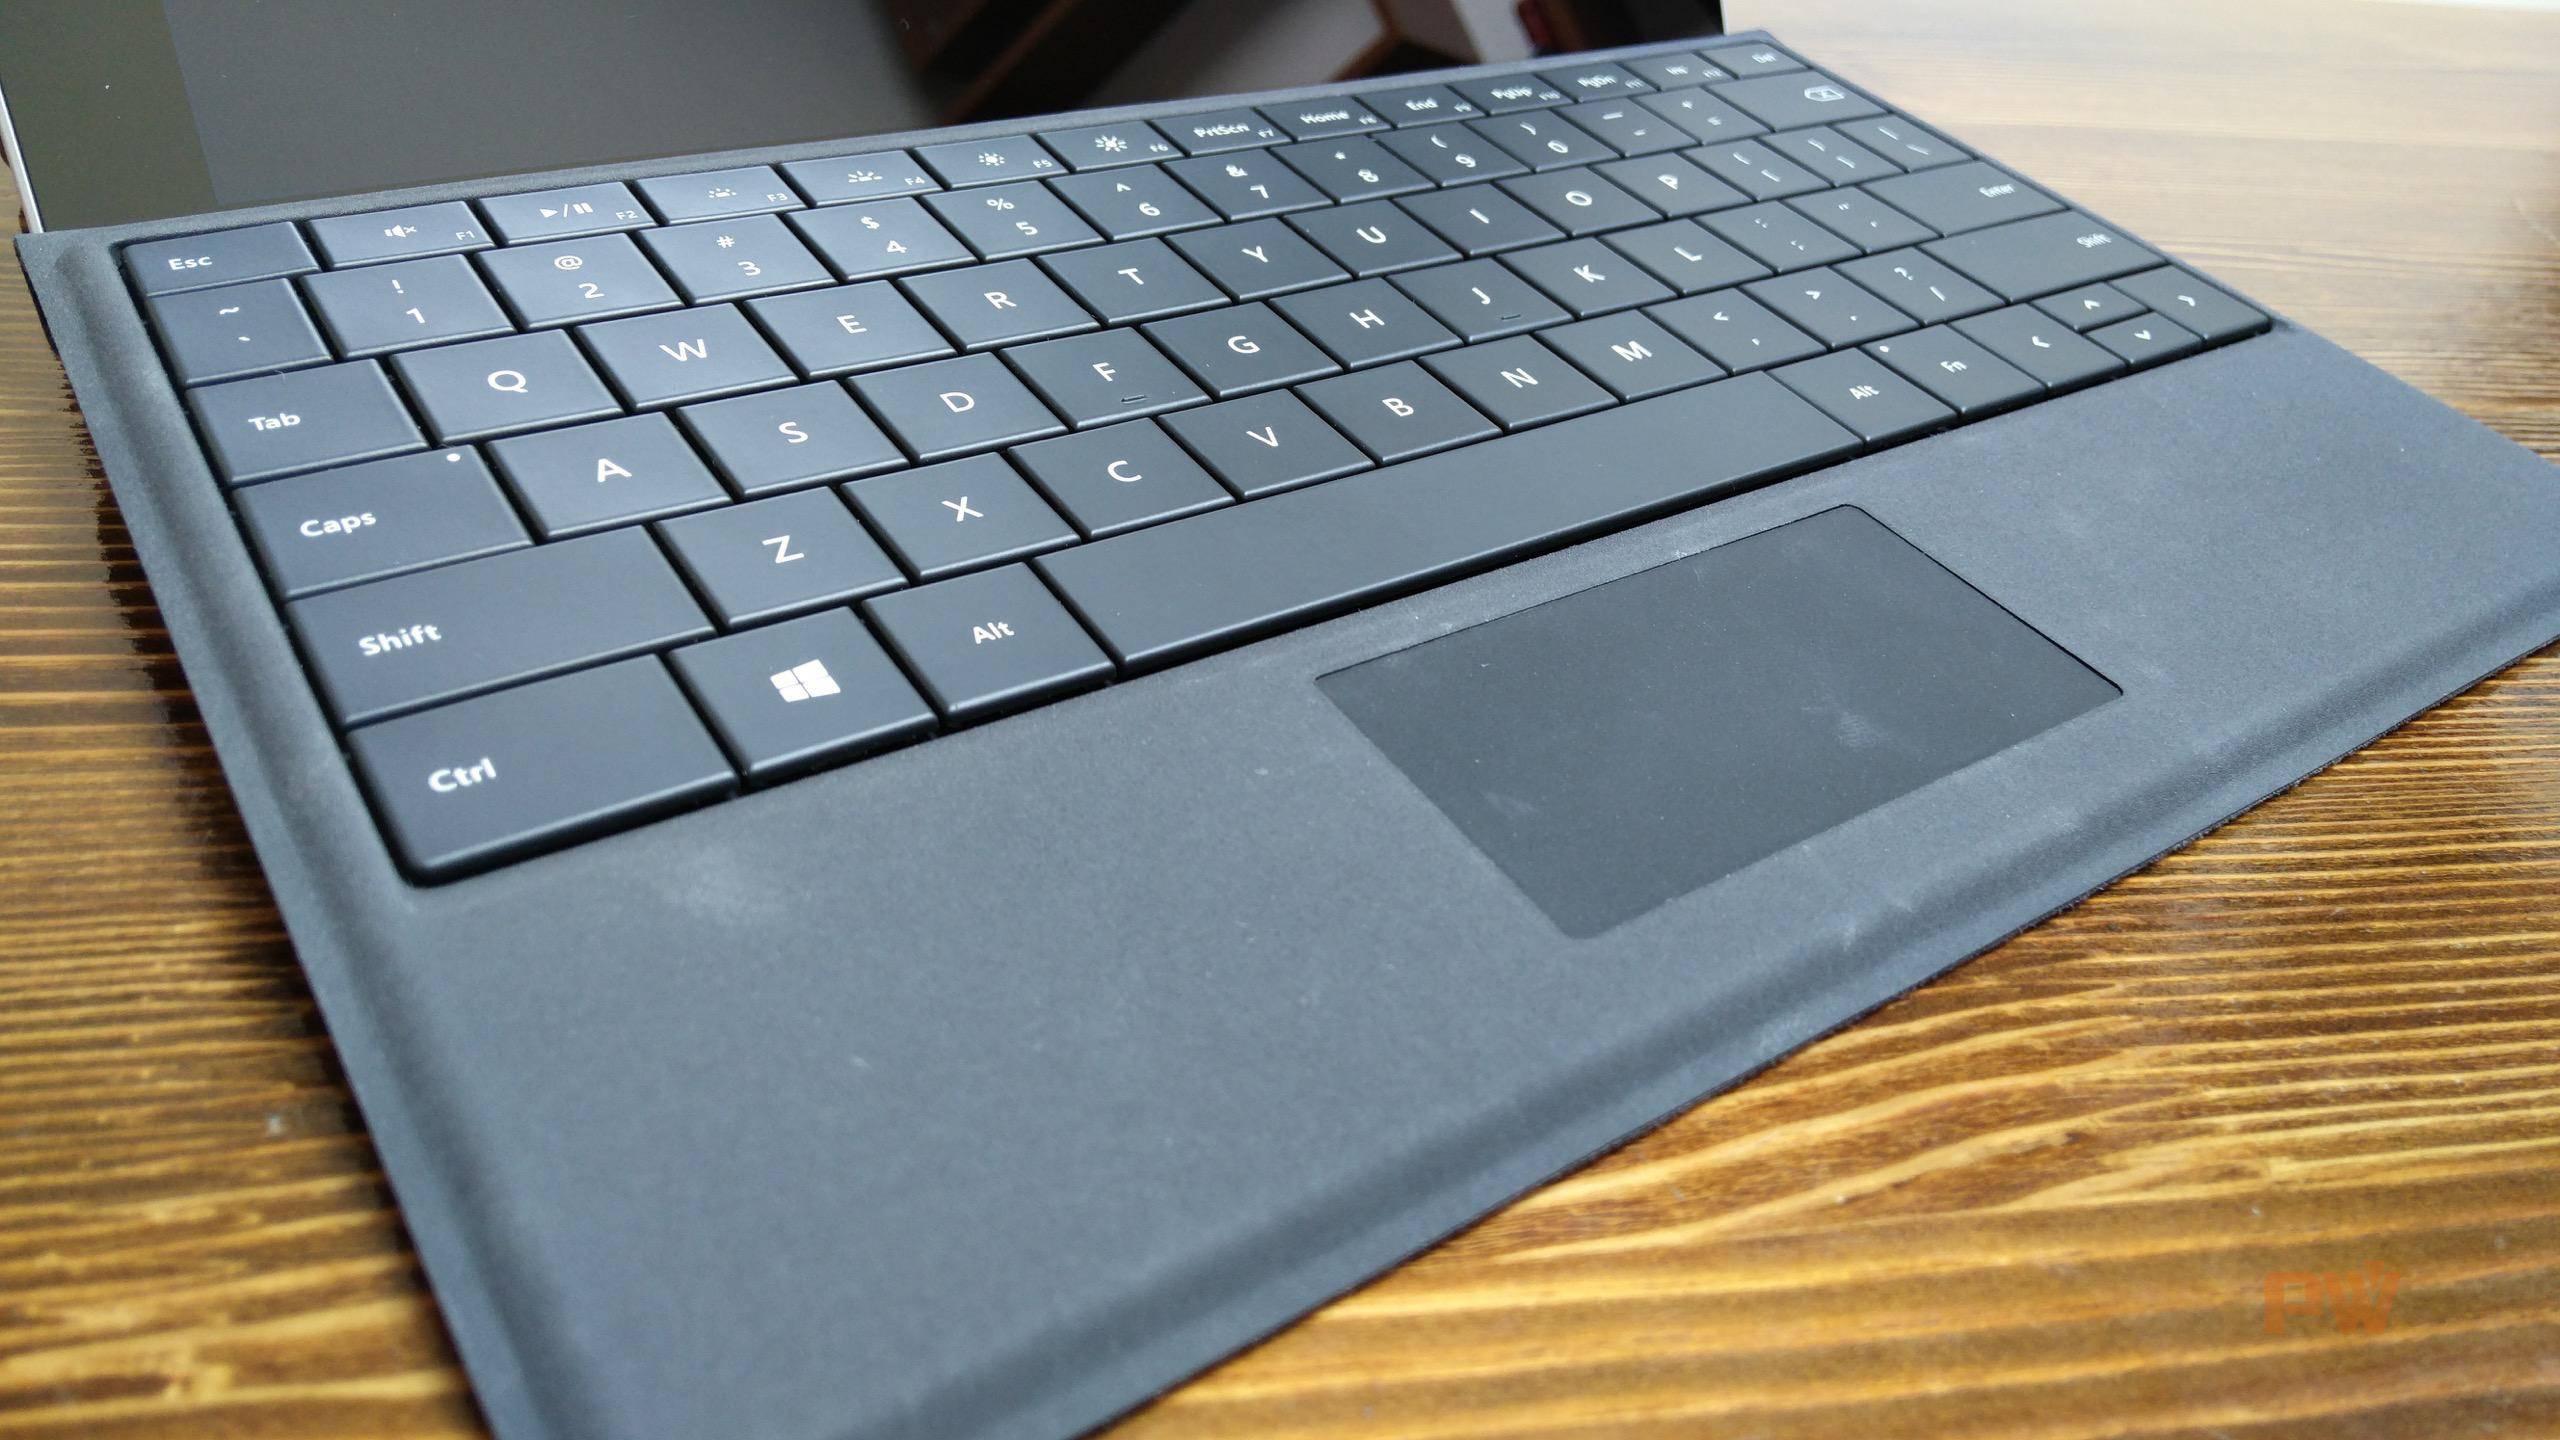 surface-3-keyboard-trackpad